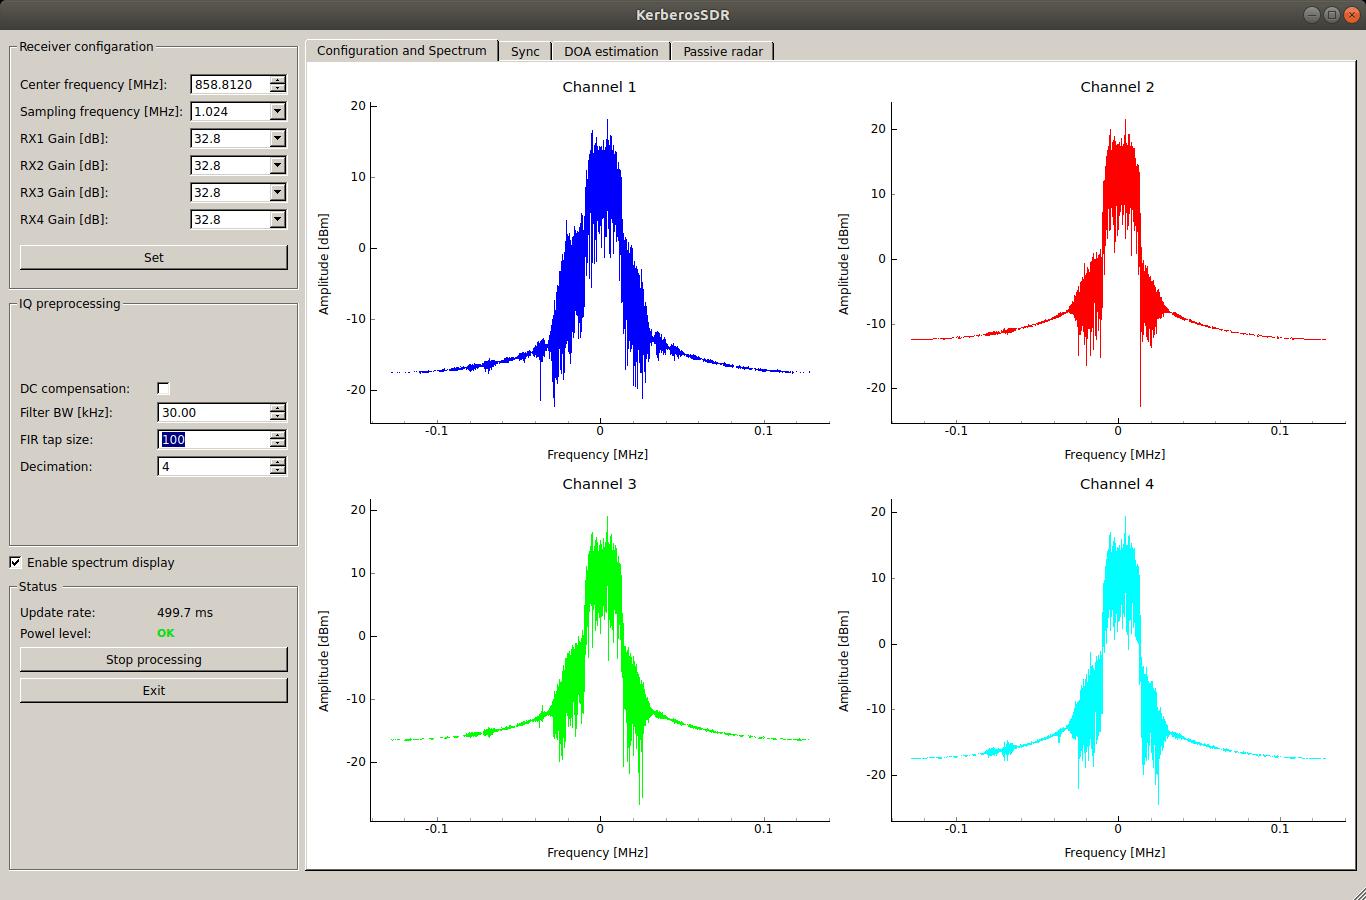 FIR filter enabled